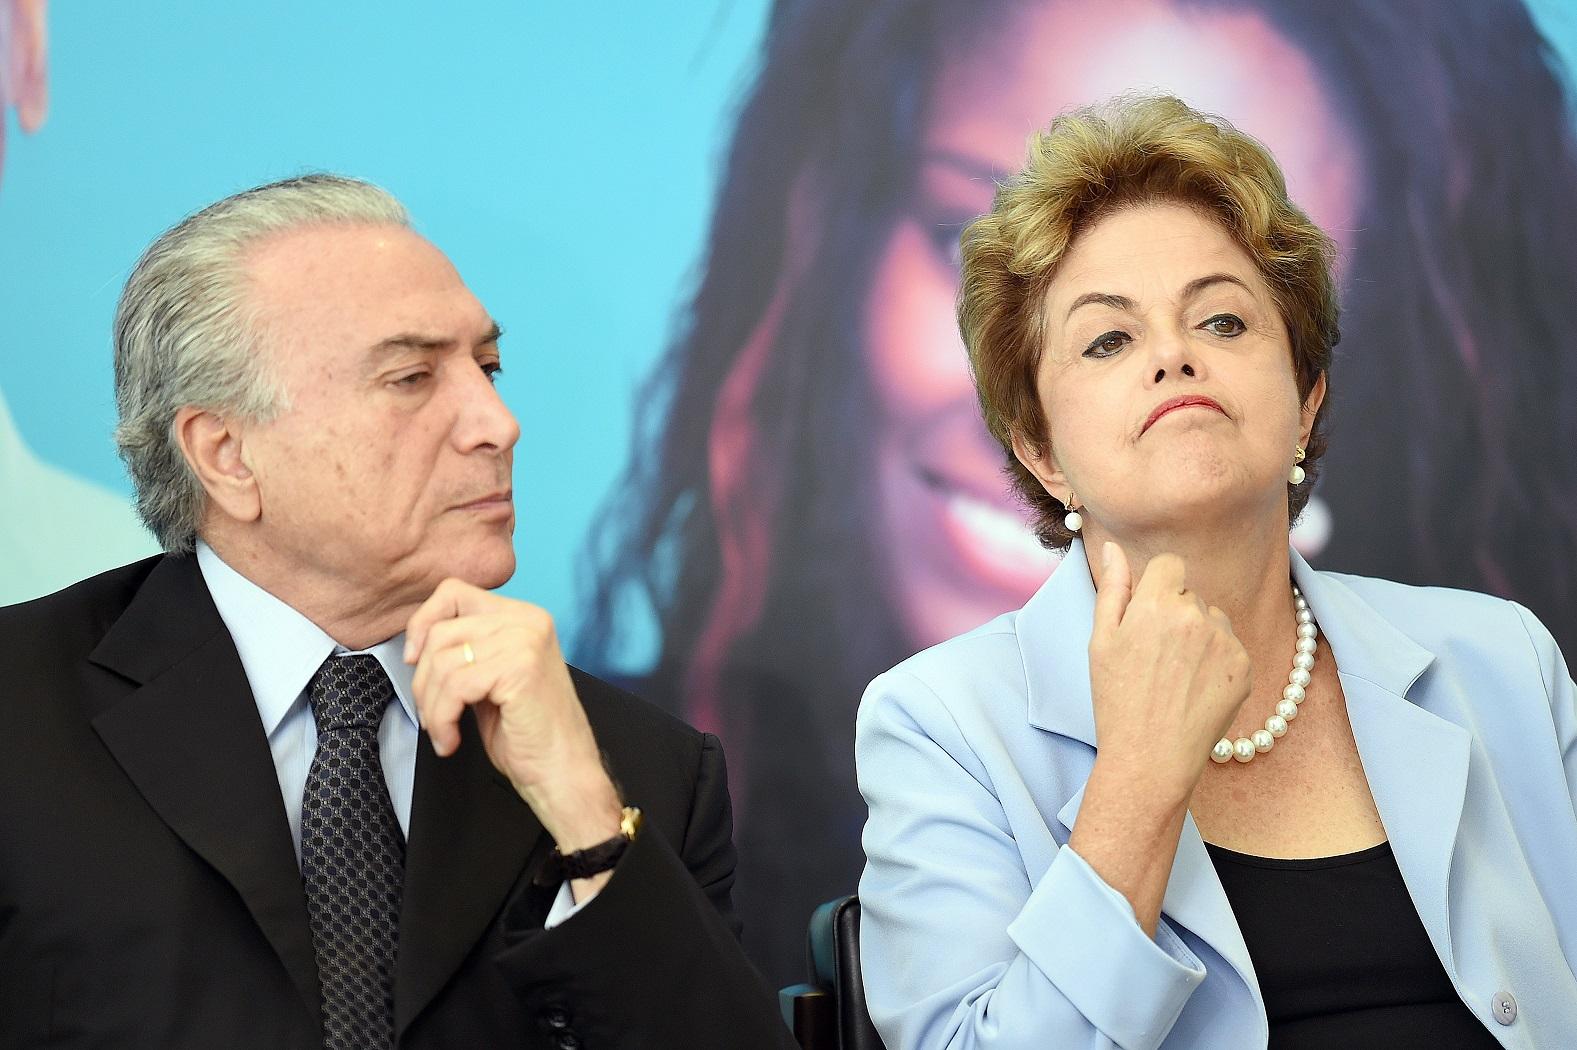 Michel Temer e Dilma Rousseff, em cerimônia no Palácio do Planalto, em 11 de agosto de 2015. Foto de Evaristo Sá/AFP